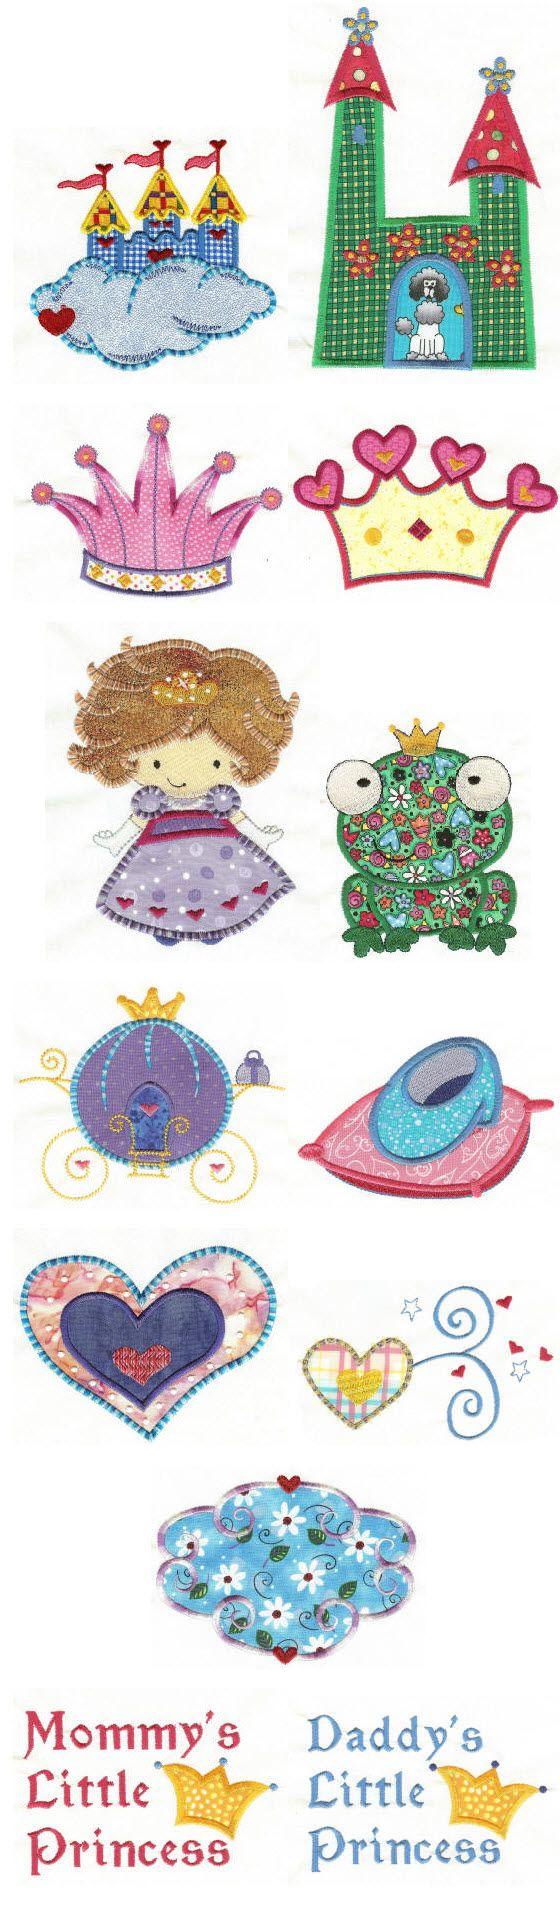 Fairytale Princess Applique | Emb - Applique | Pinterest